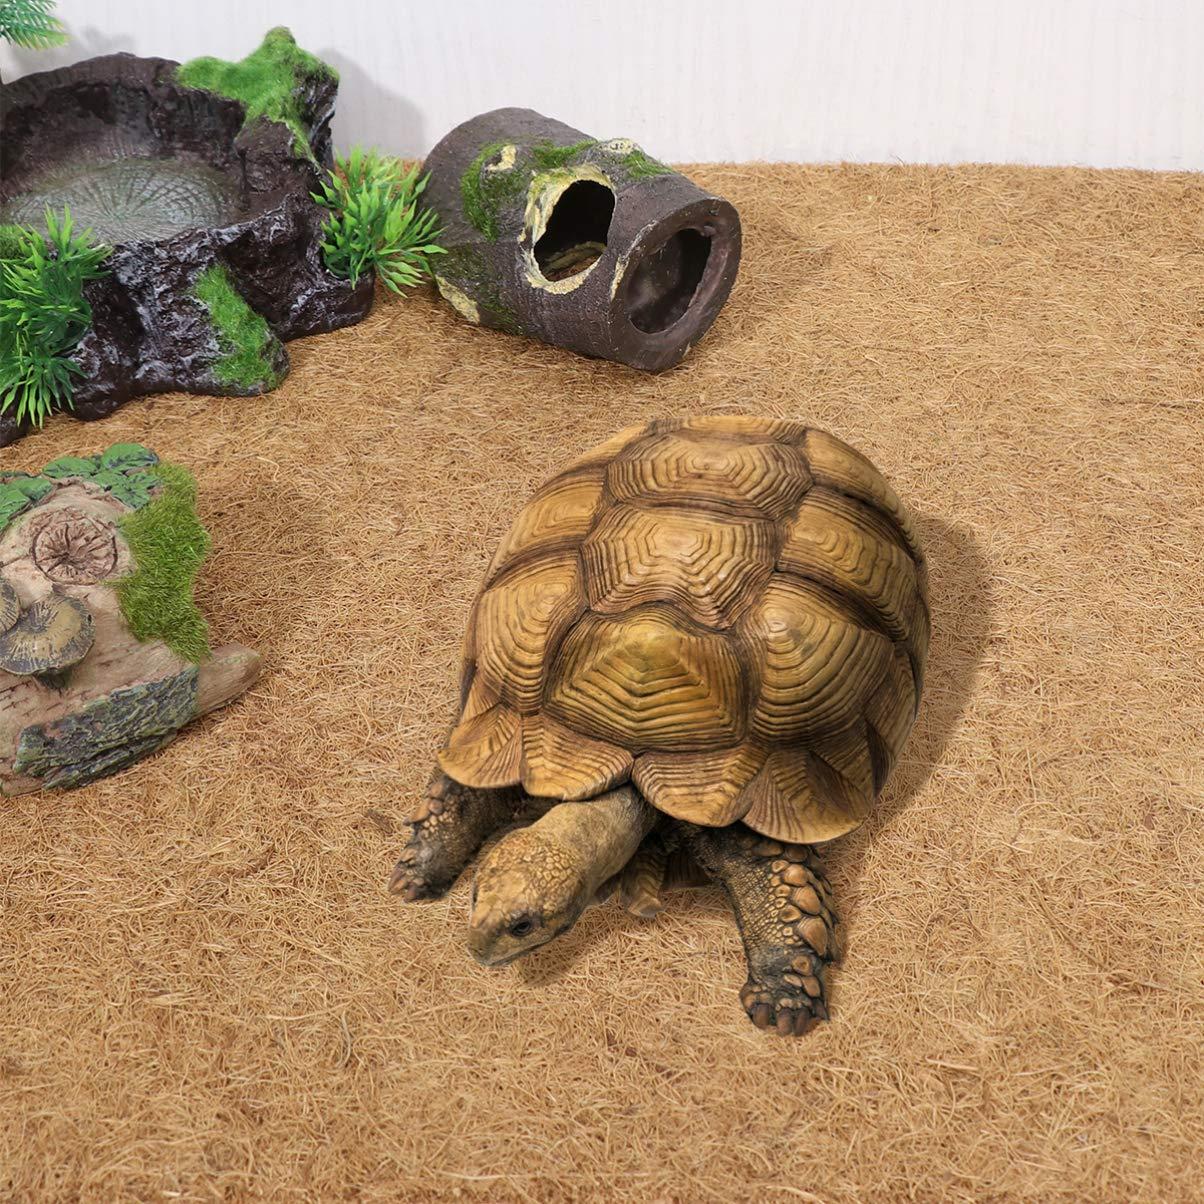 POPETPOP Estera de Fibra de Coco para terrario de Reptiles Suave y c/ómoda Espesar Alfombra para Mascotas Alfombra de Revestimiento Almohadilla de Reptil para Iguanas lagartijas Anoles